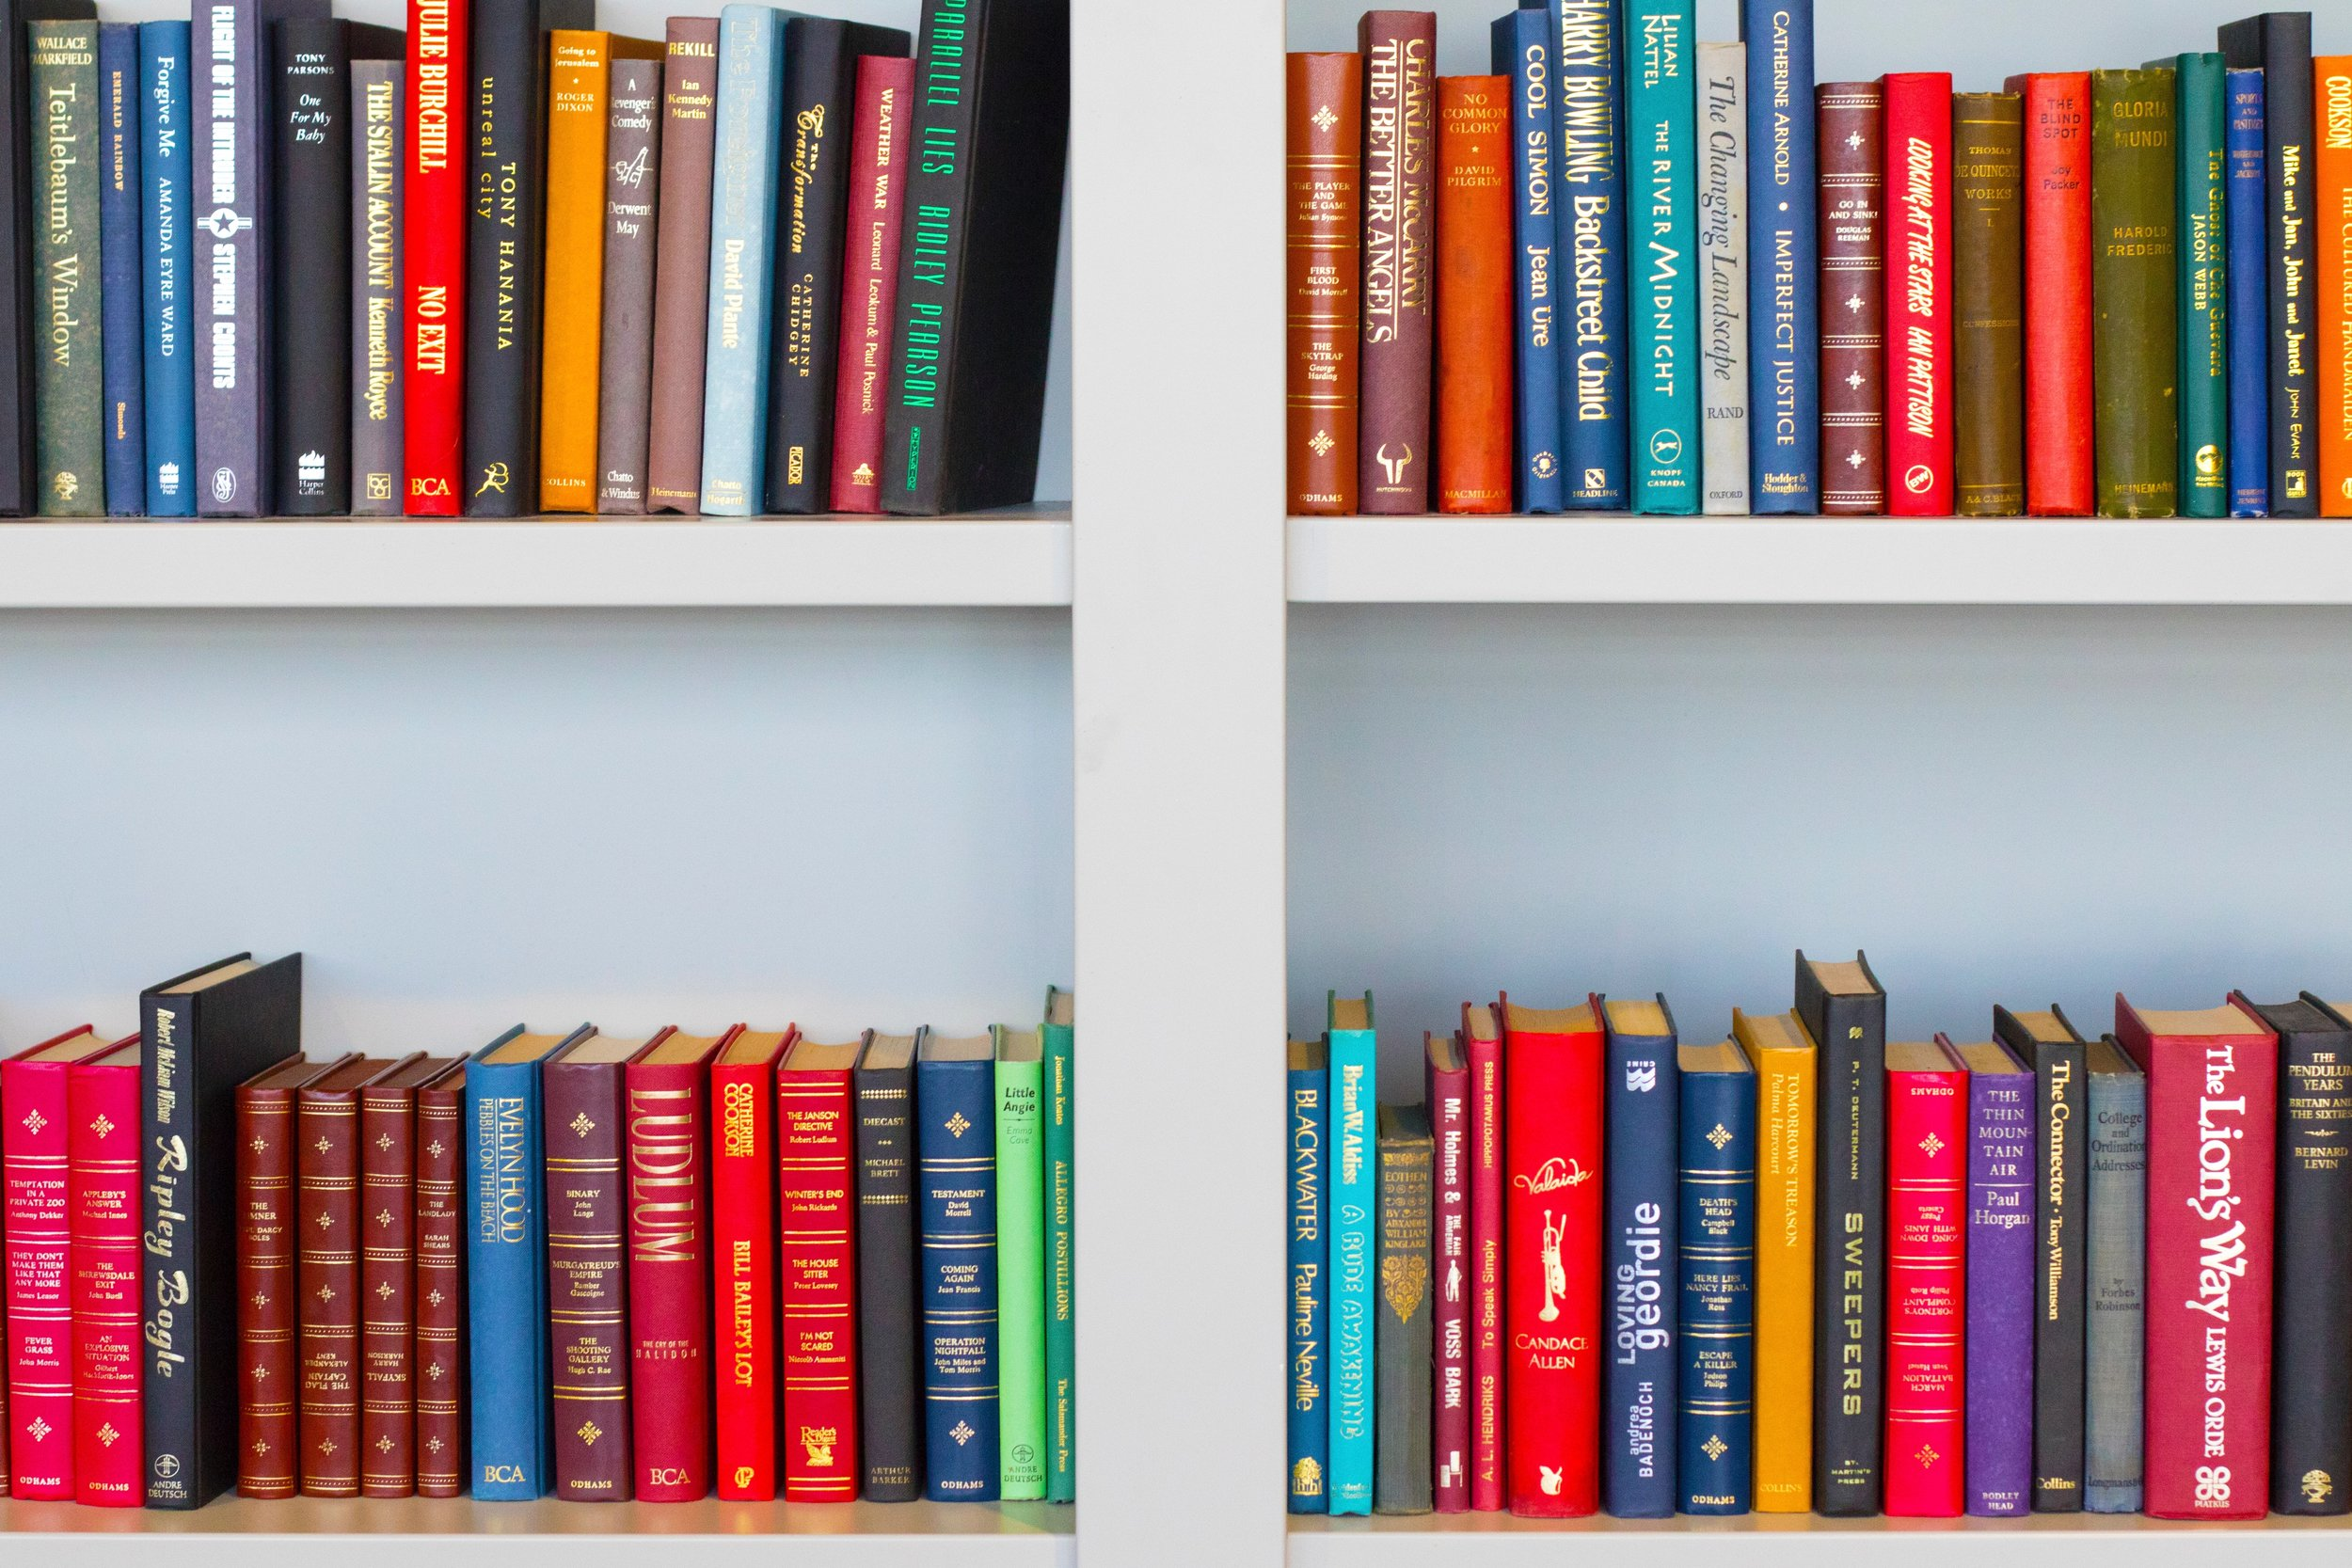 spark-joy-bay-area-konmari-method-organizing-books